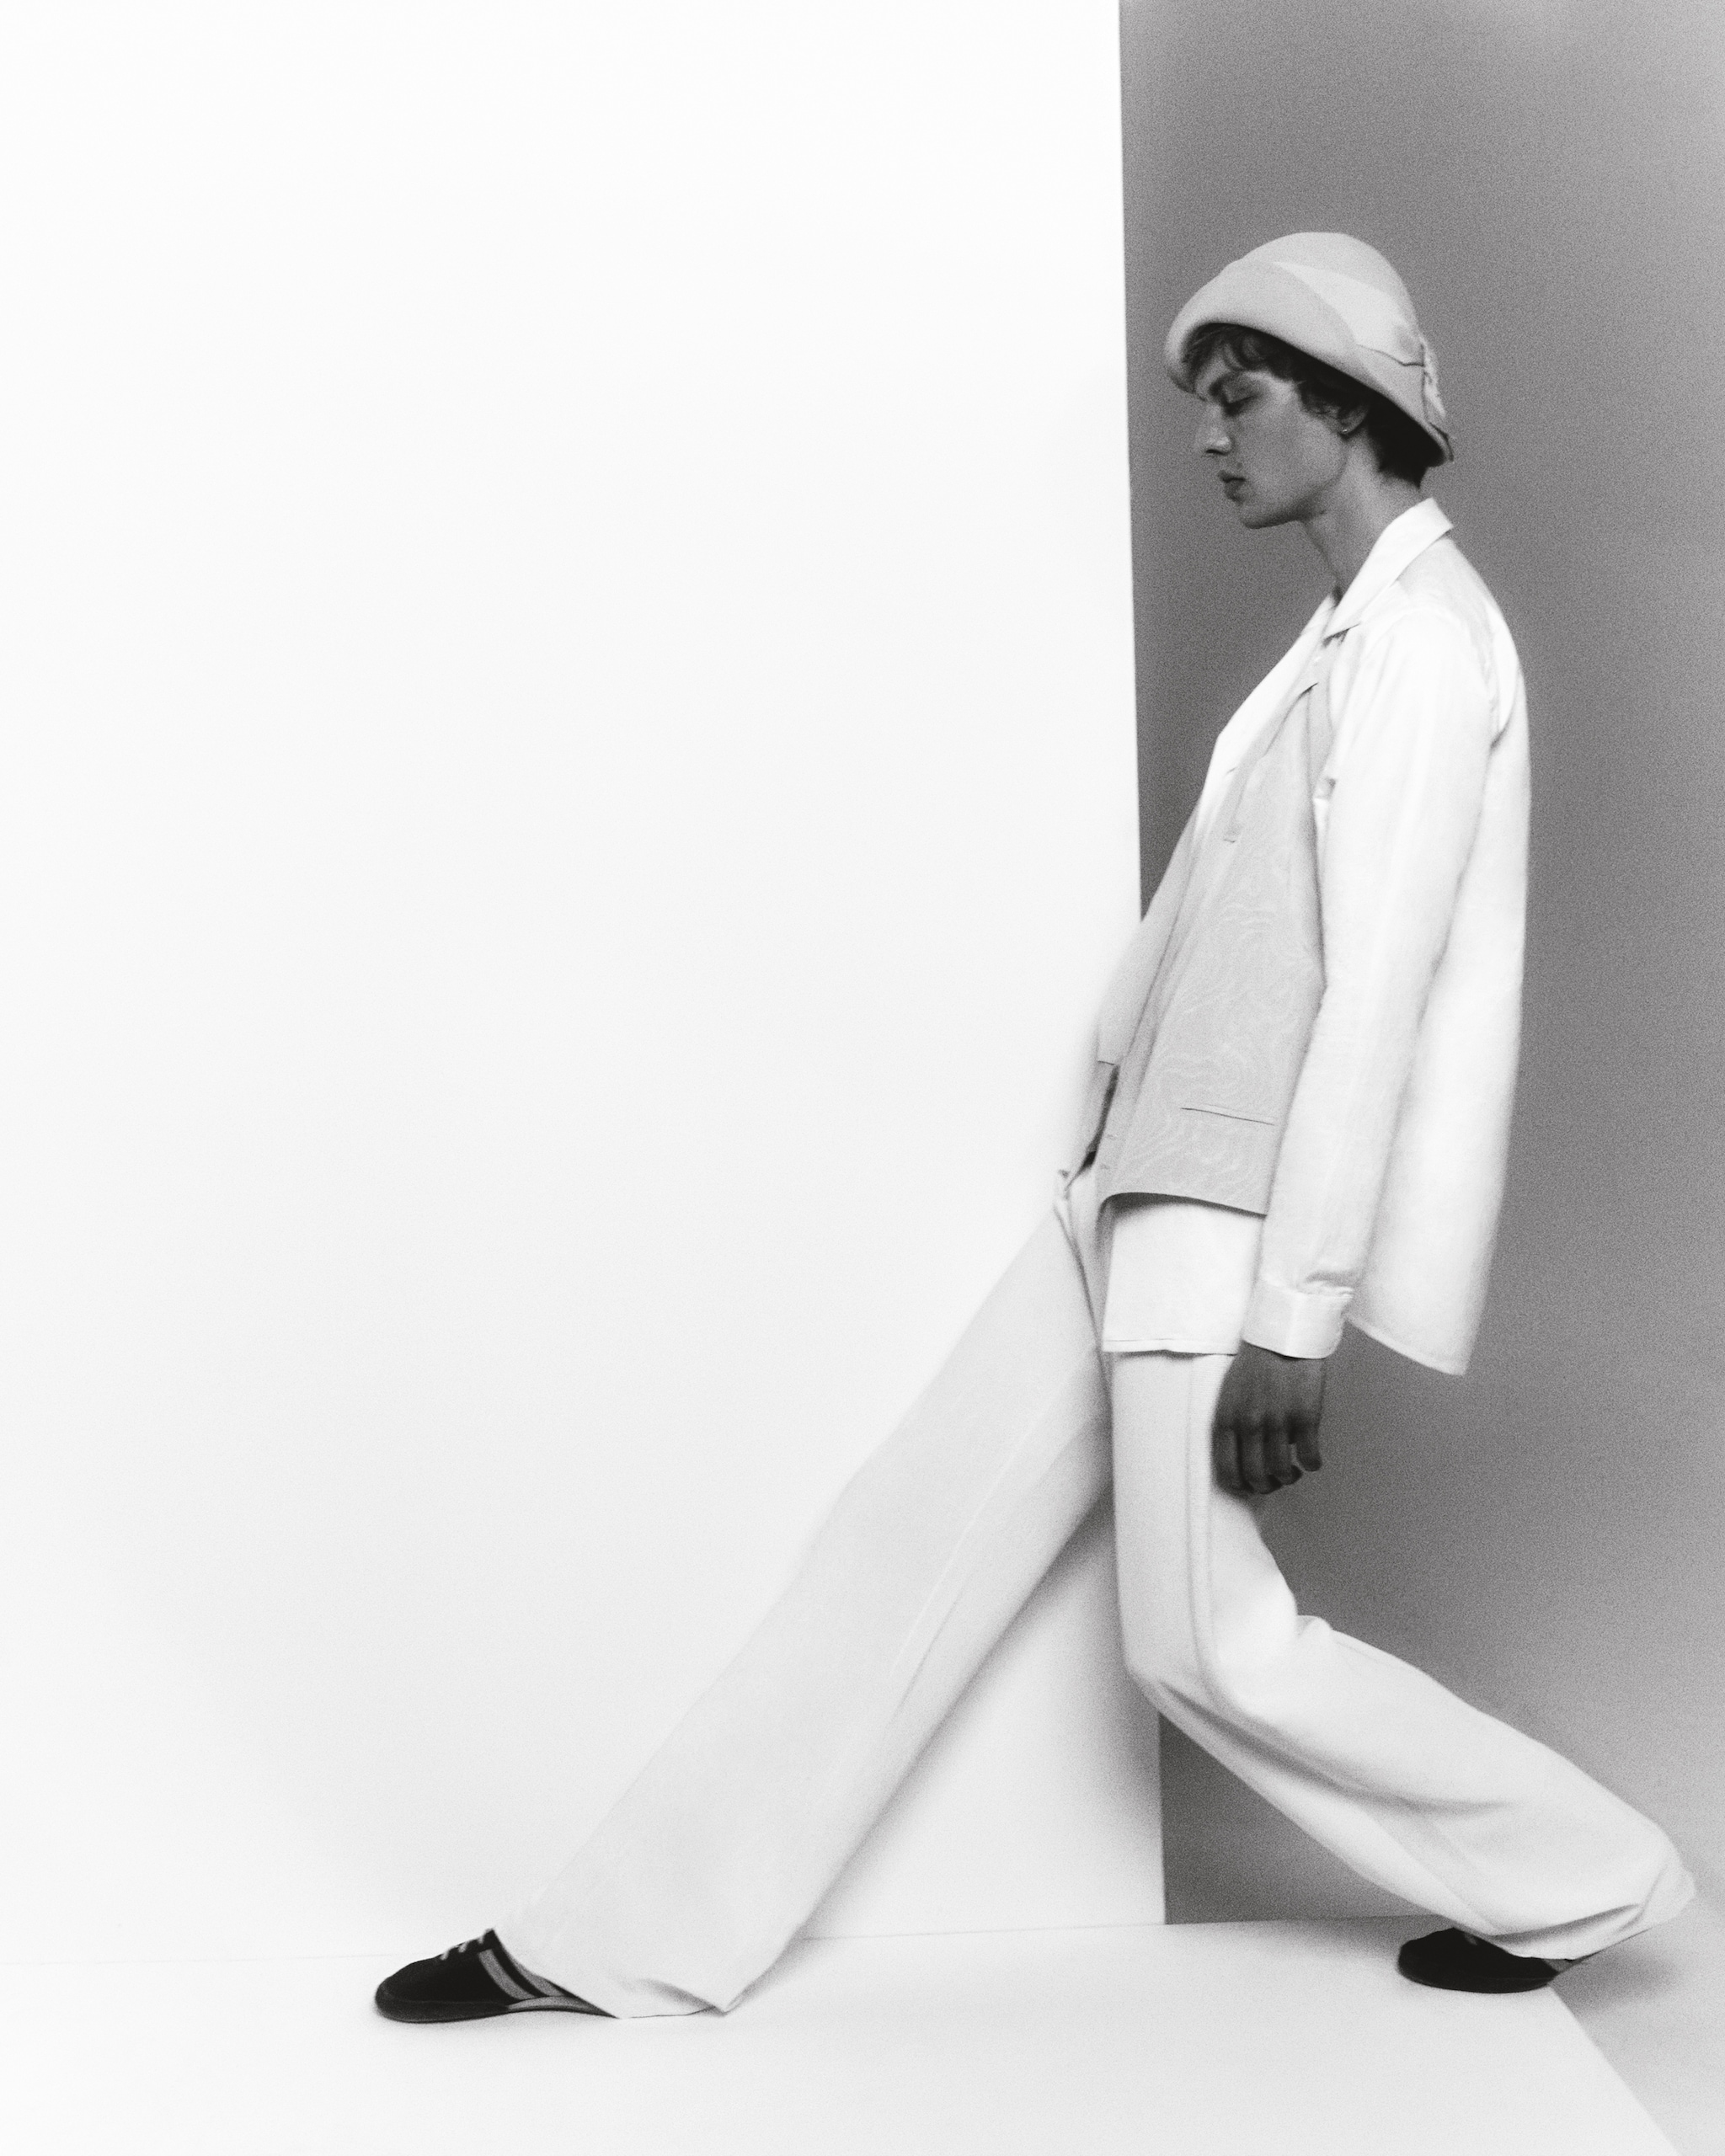 Camicia in melange di cotone, lino e seta, CANALI (350 €). Pantaloni in raso satin e fascia smoking, ALLED-MARTINEZ (1.395 €). Gilet, cappello e sneakers vintage.